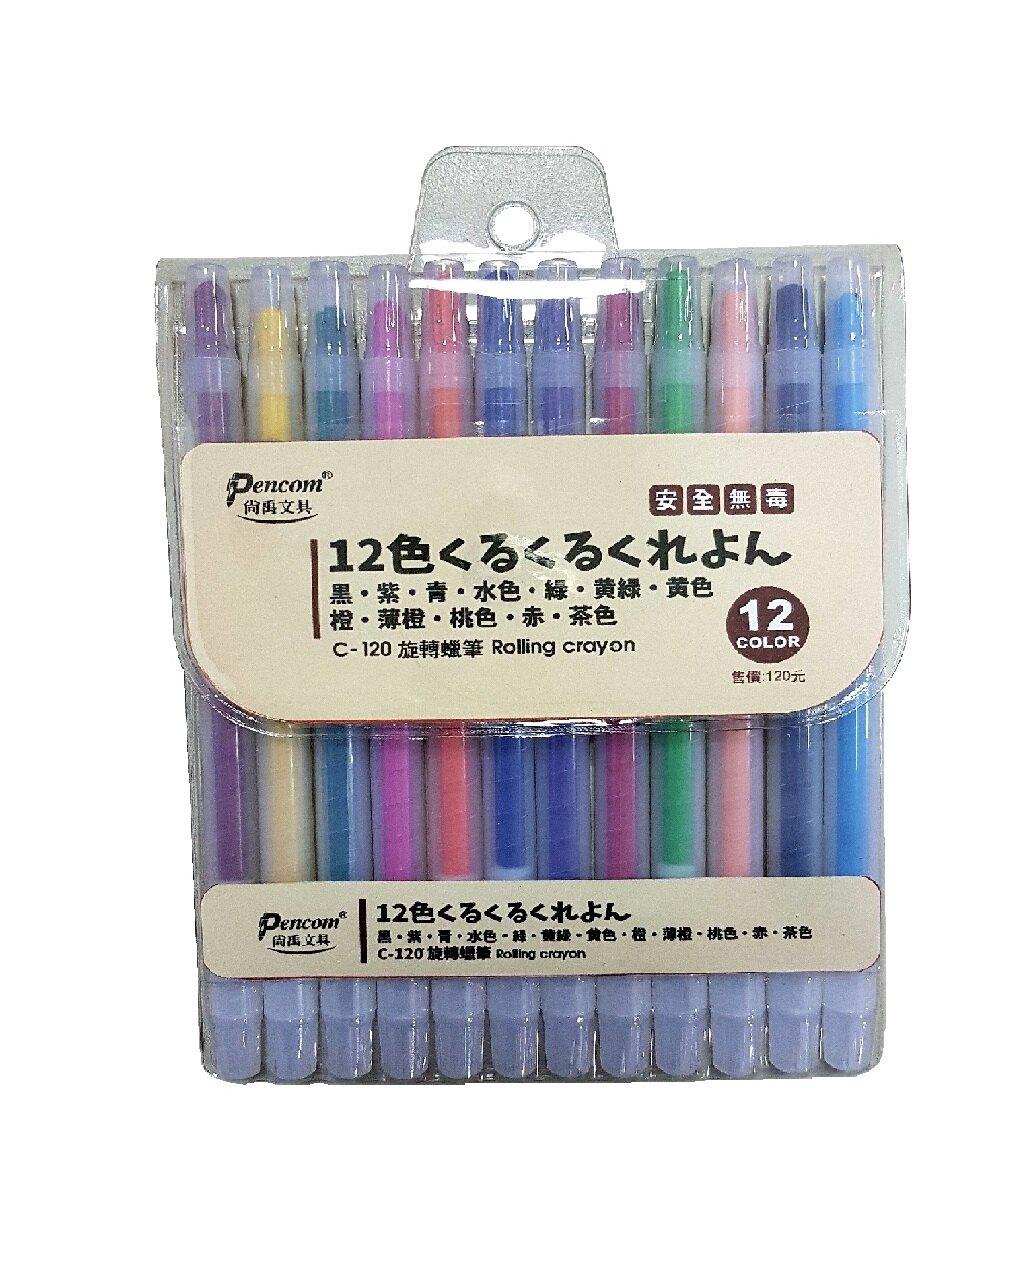 尚禹 C-120 旋轉蠟筆 12色入 /盒